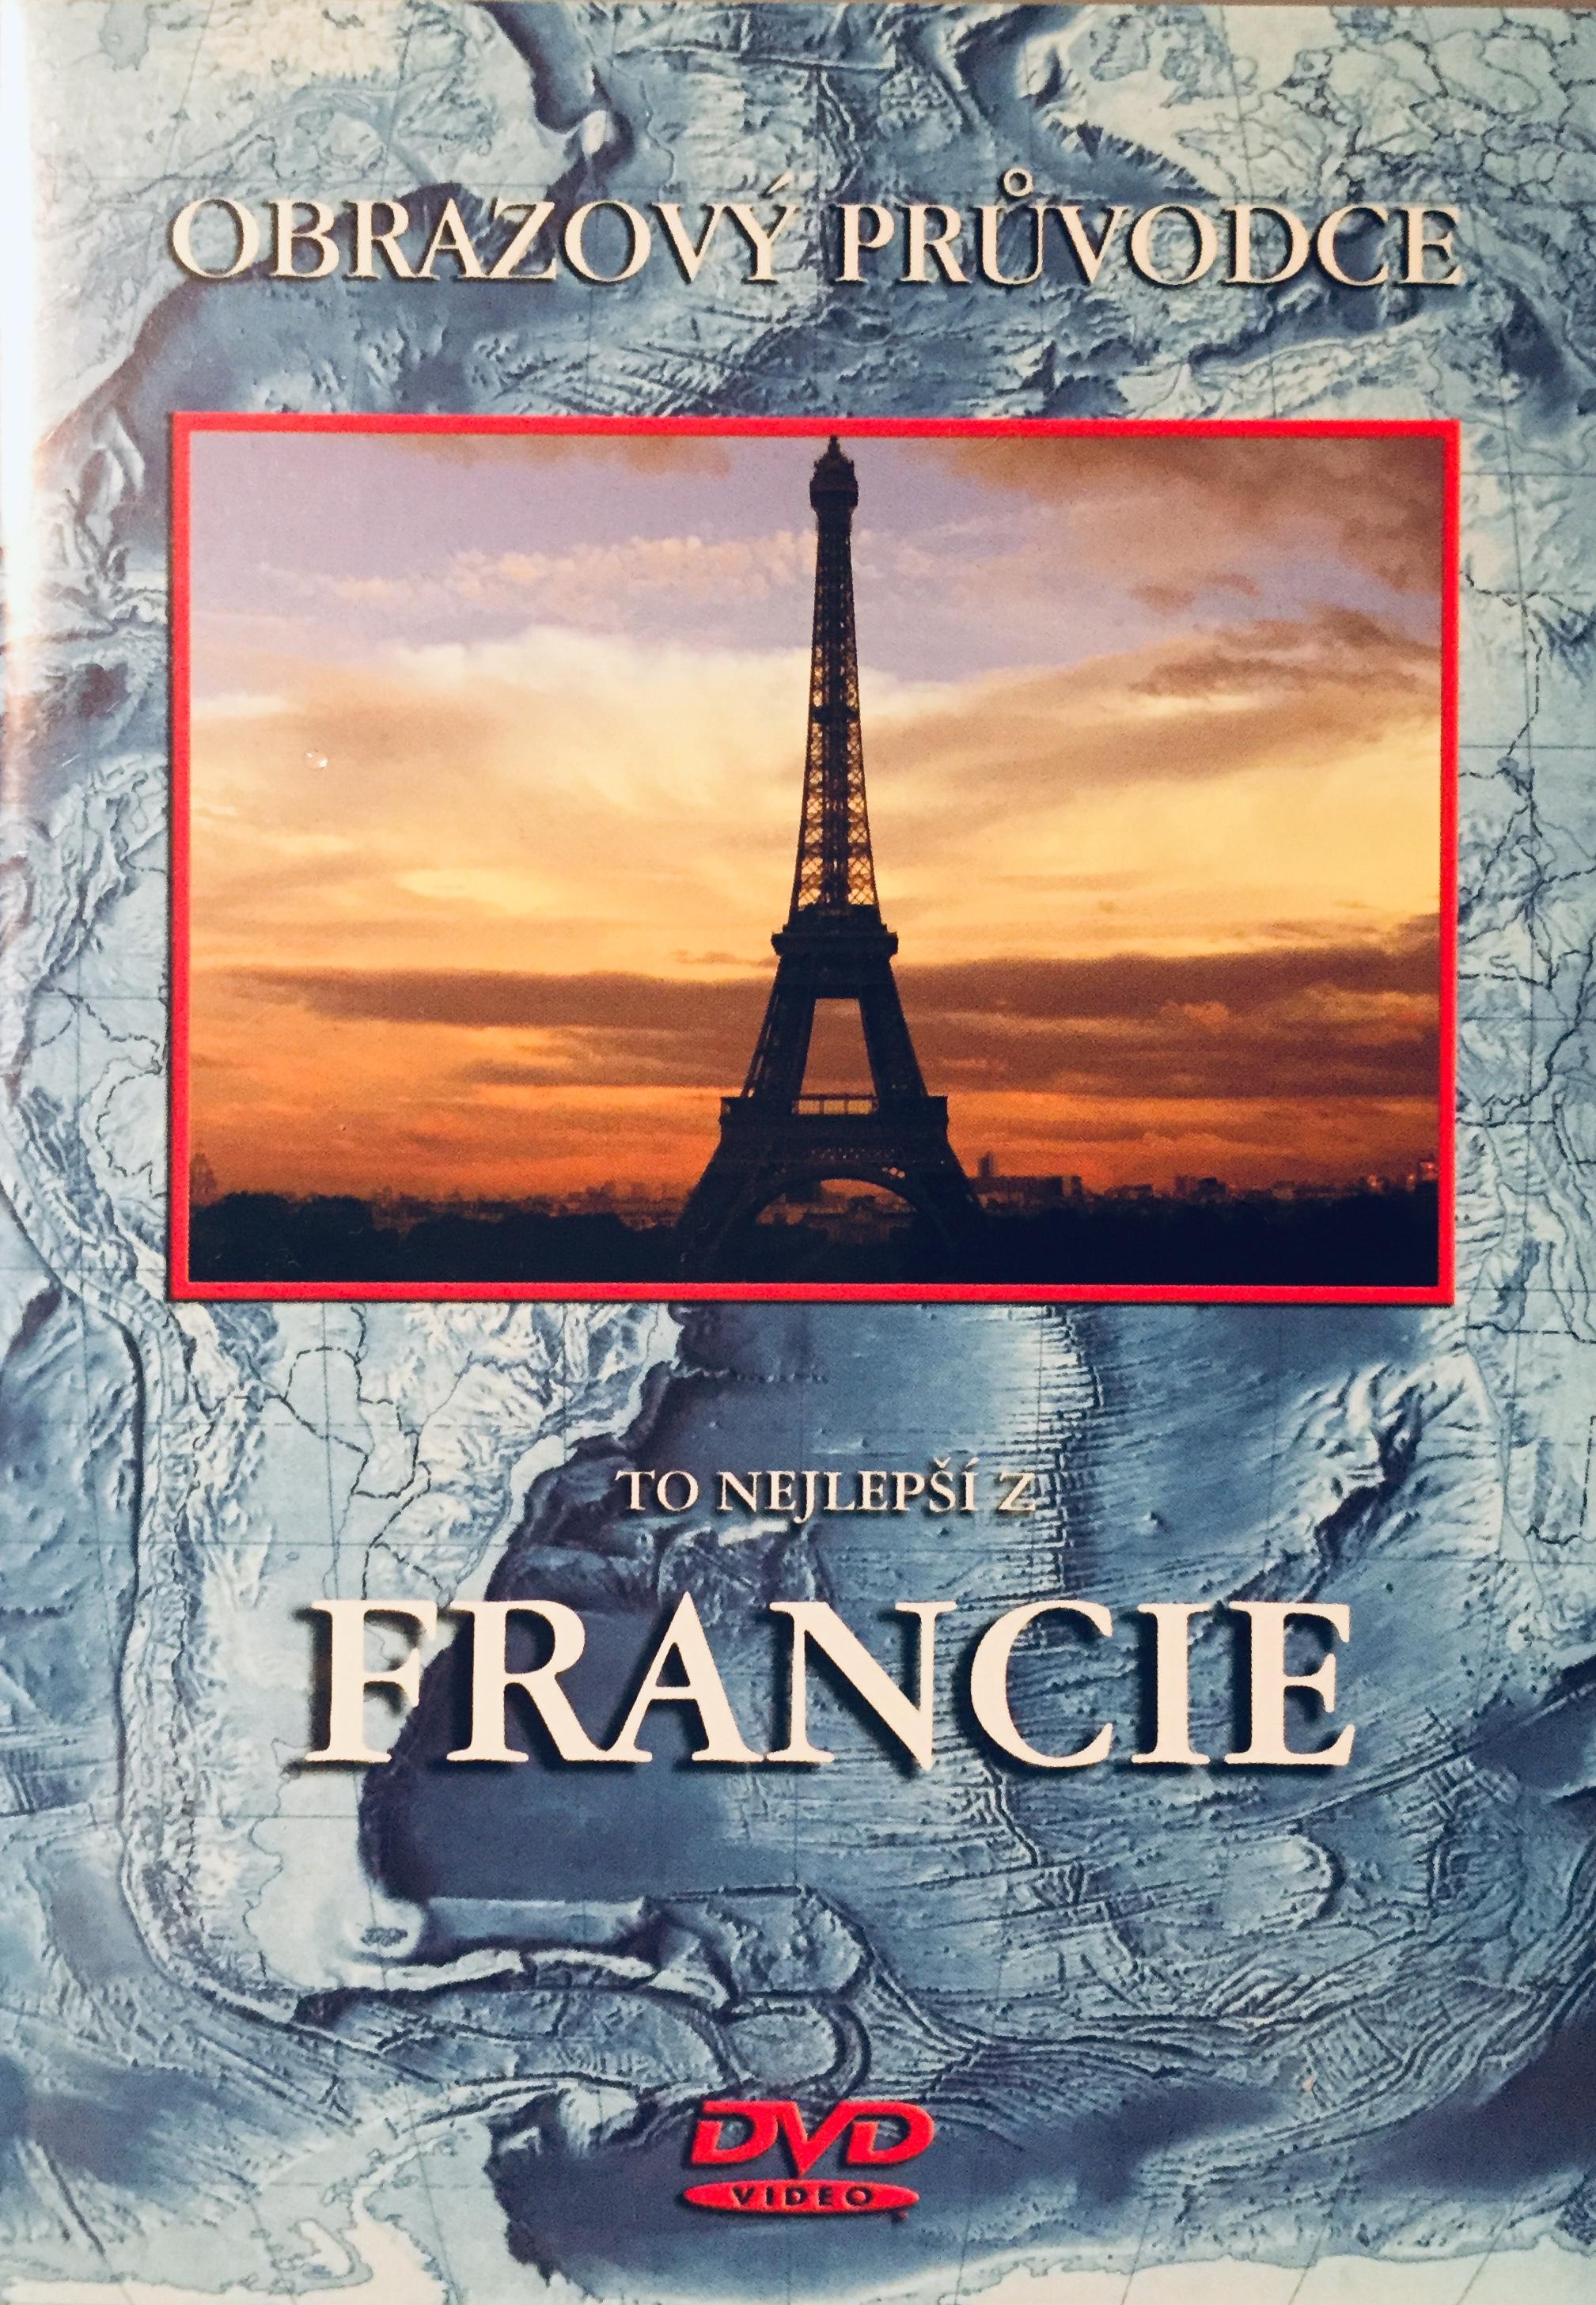 Obrazový průvodce - To nejlepší z Francie - DVD /plast/